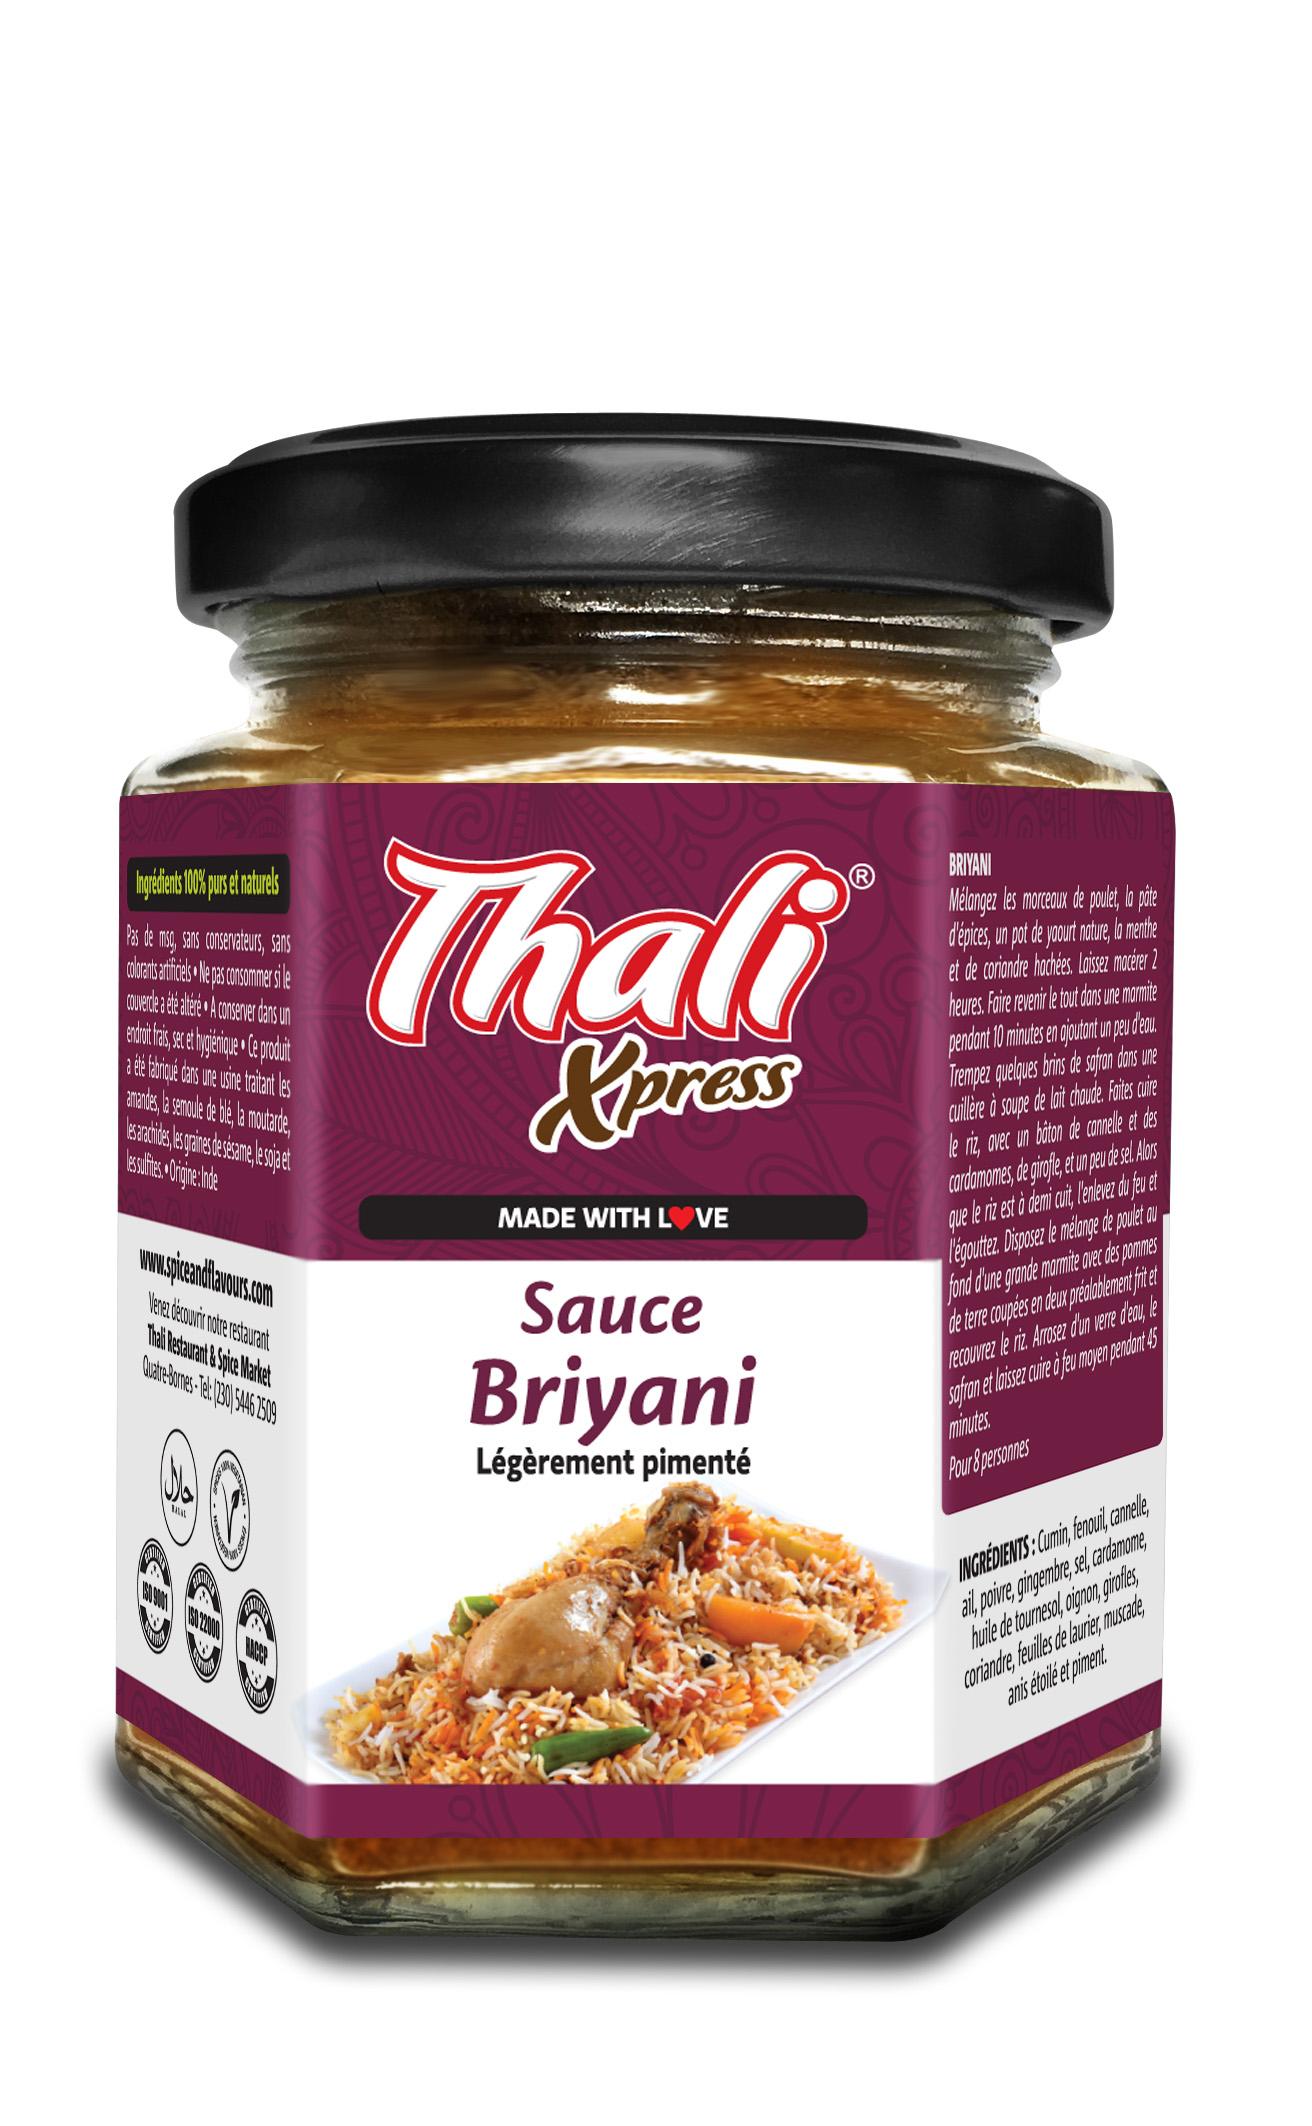 Sauce Briyani Image